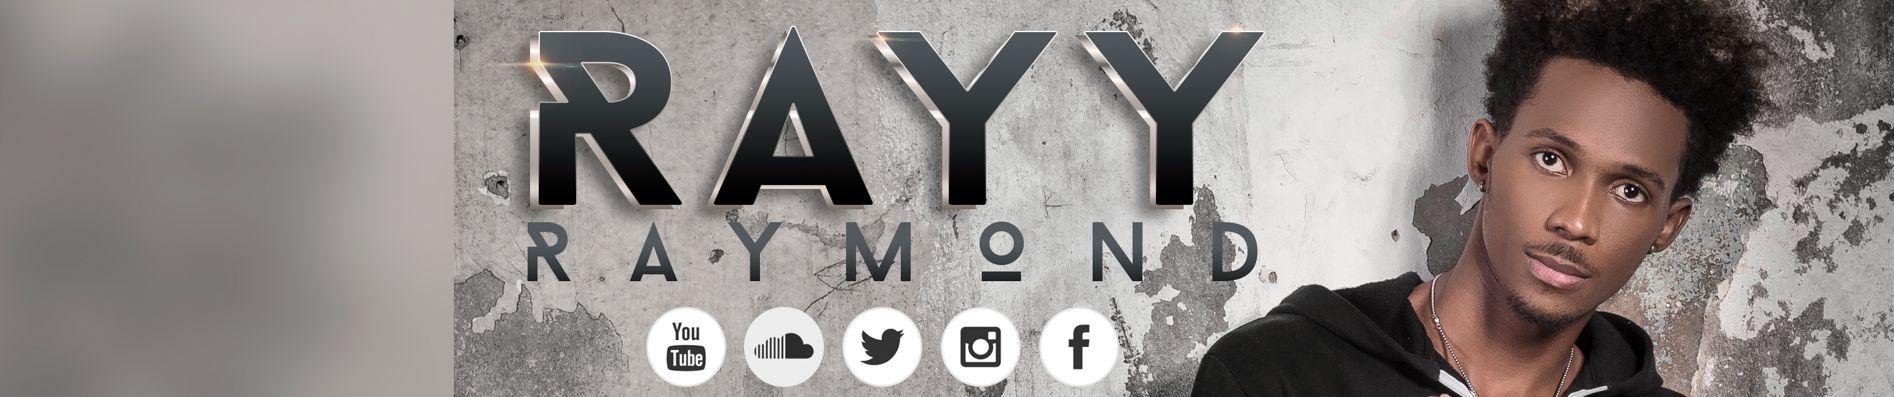 RAYY RAYMOND MWEN PARE TÉLÉCHARGER